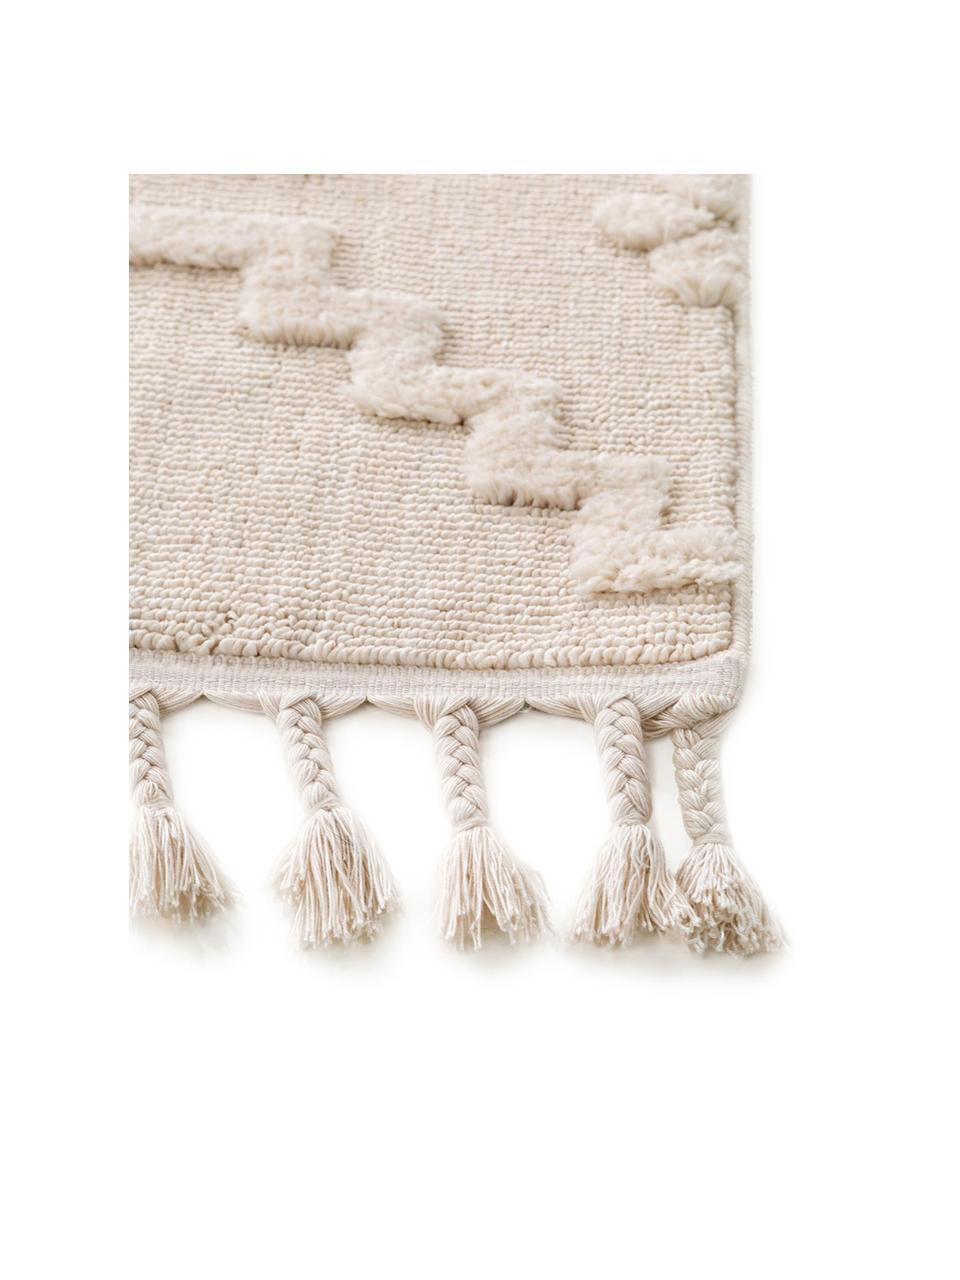 Tappeto boho color crema con motivo a rilievo Oyo, Retro: 100% cotone, Crema, Larg. 200 x Lung. 290 cm (taglia L)